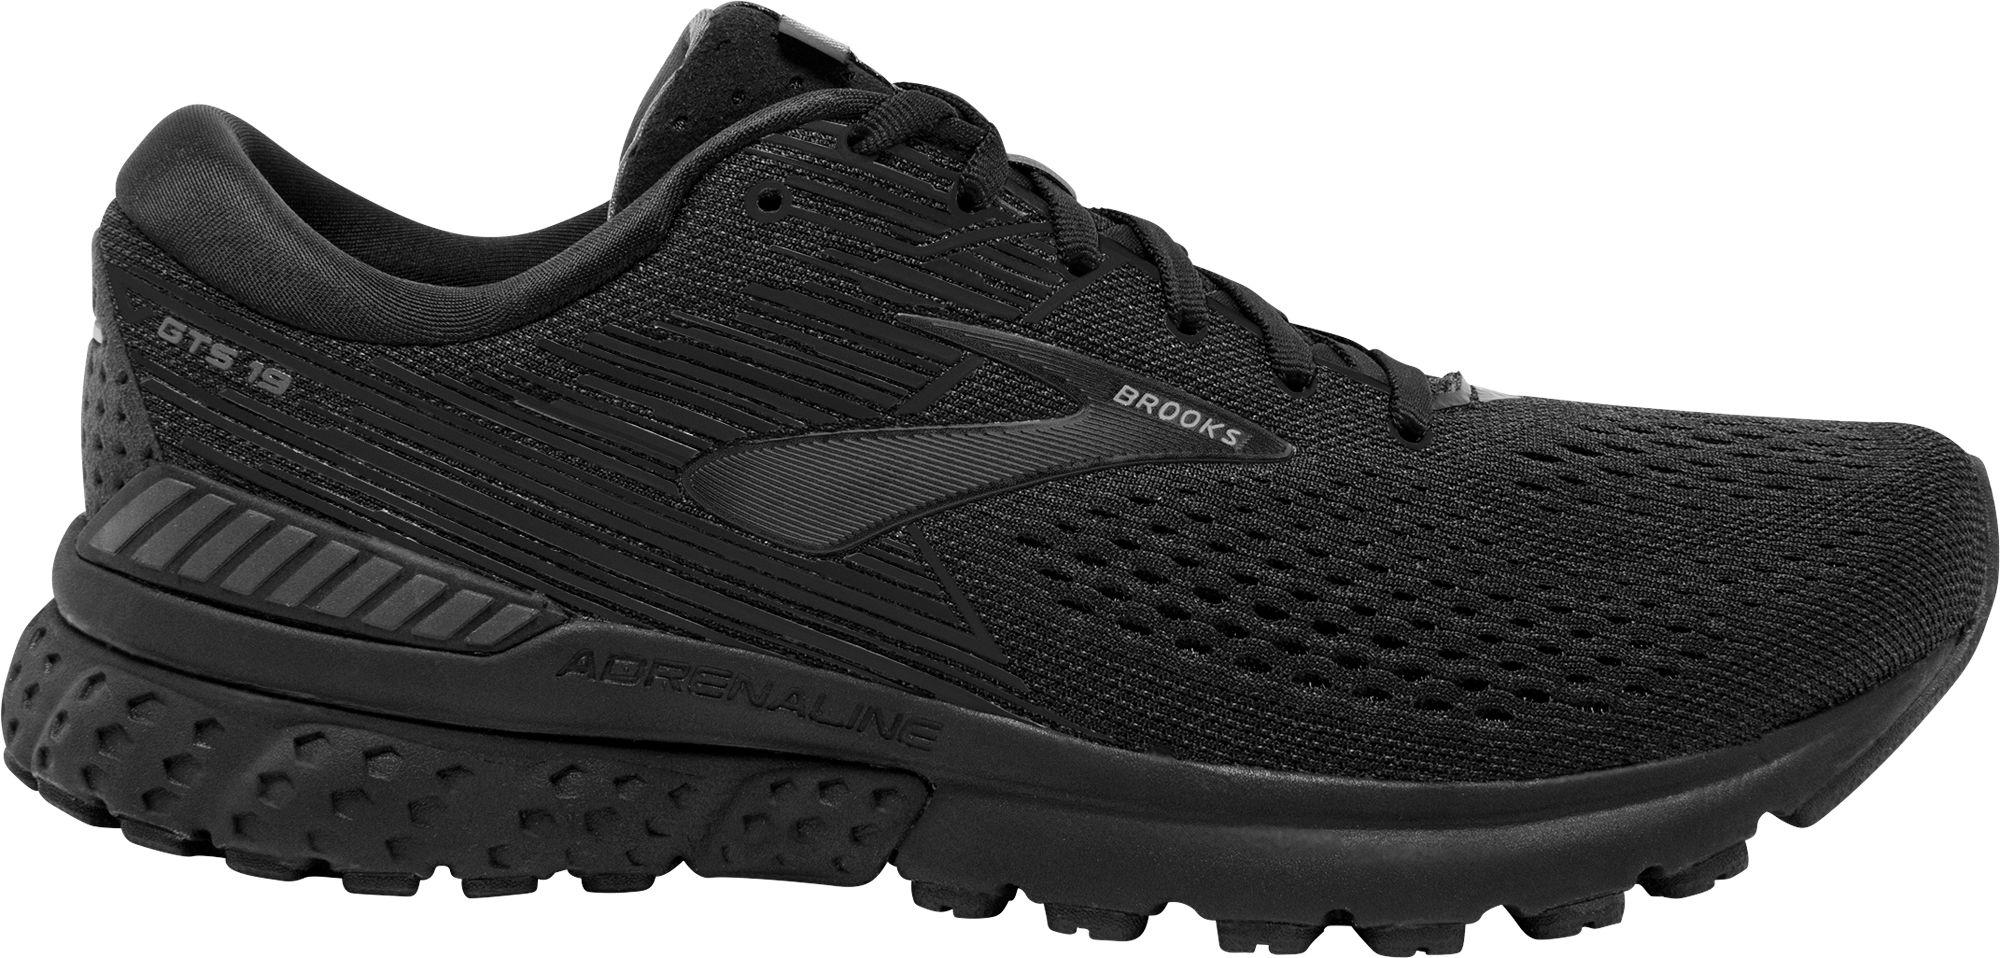 2e12d28c5ce6a Brooks Men's Adrenaline GTS 19 Running Shoes